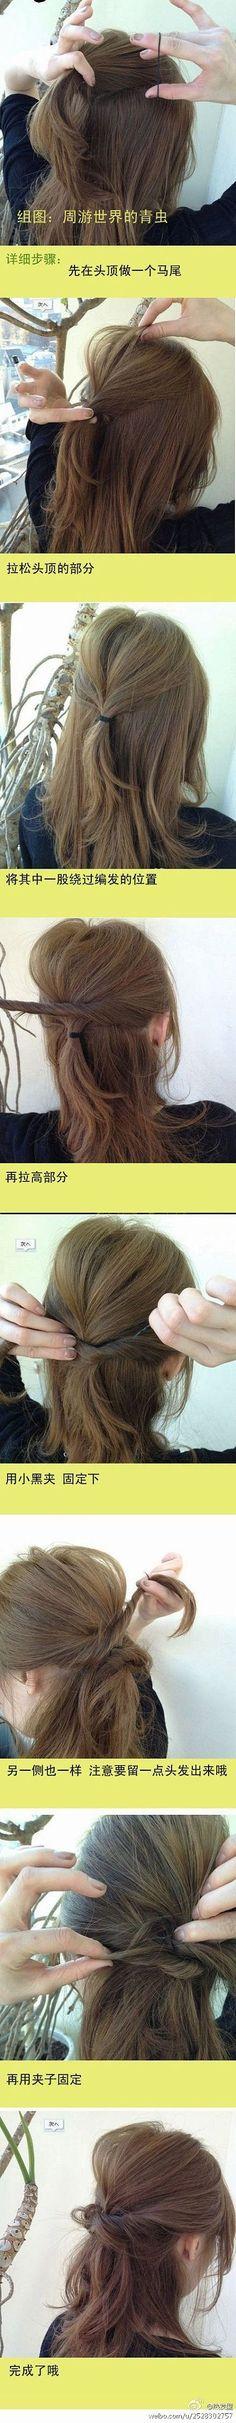 Tutoriais de cabelo na cabeça princesa japoneses, como escolaridade até ohhh